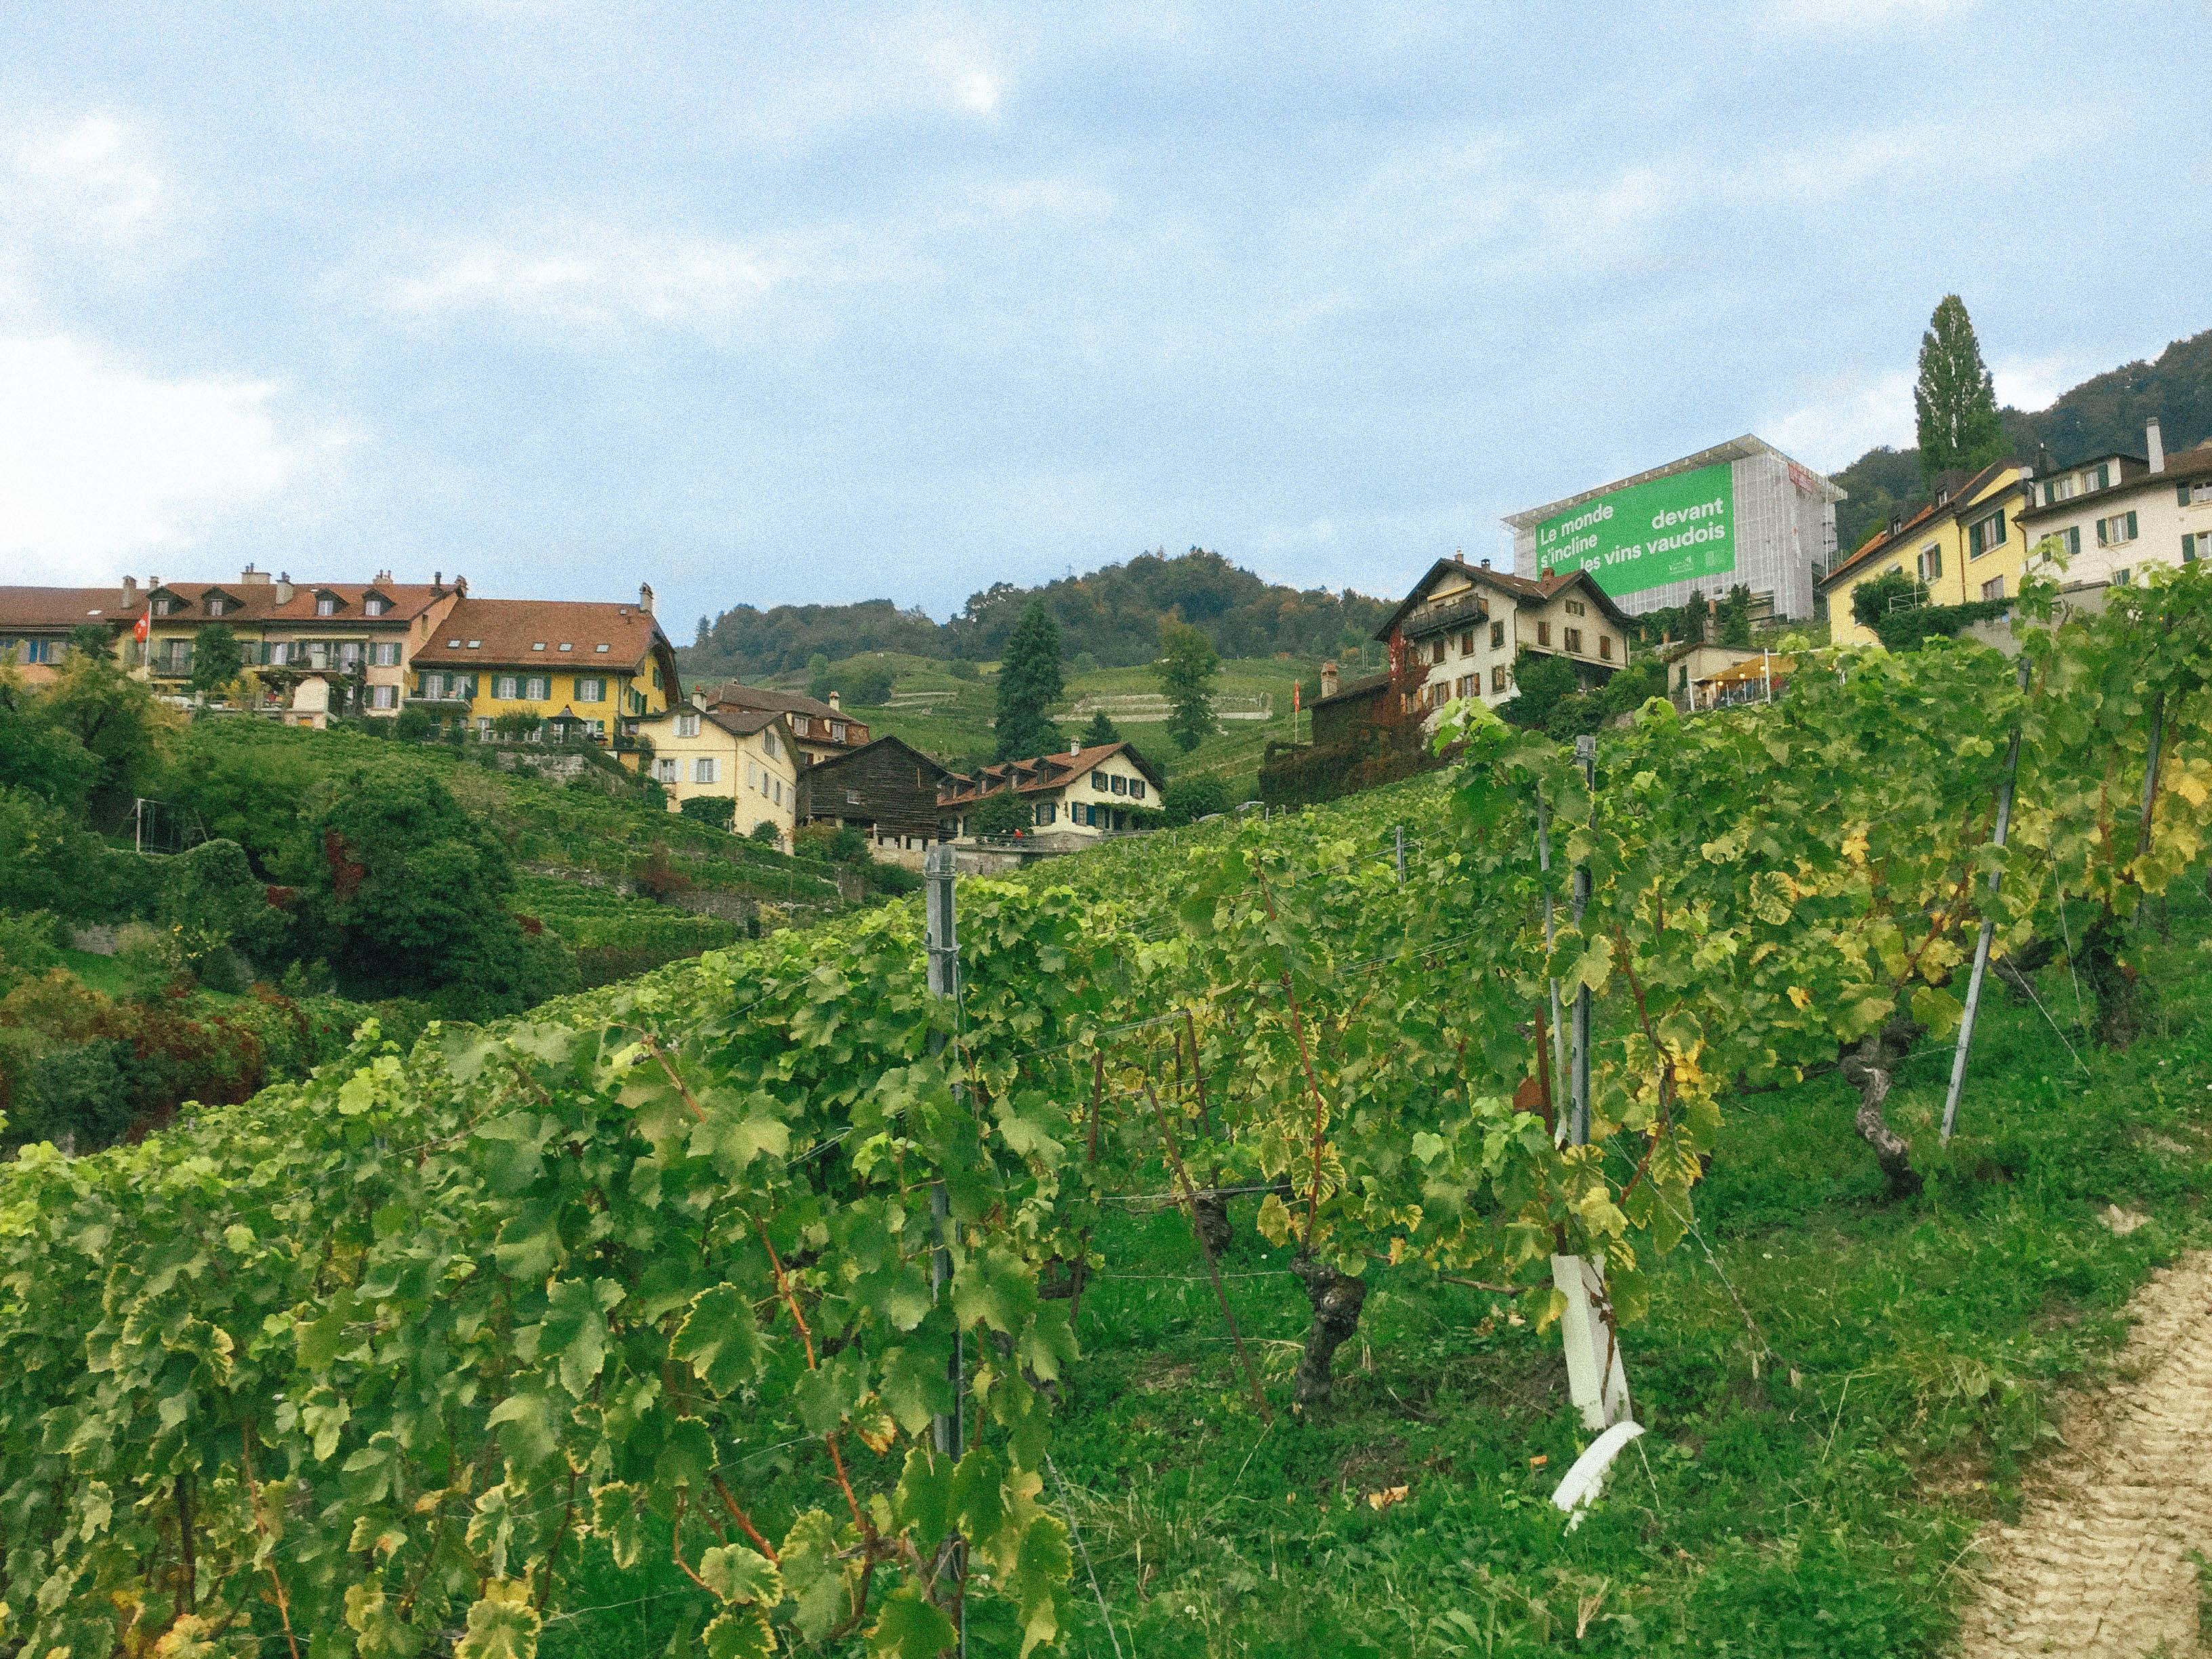 사진2) 보(Vaud) 지역 포도밭 전경